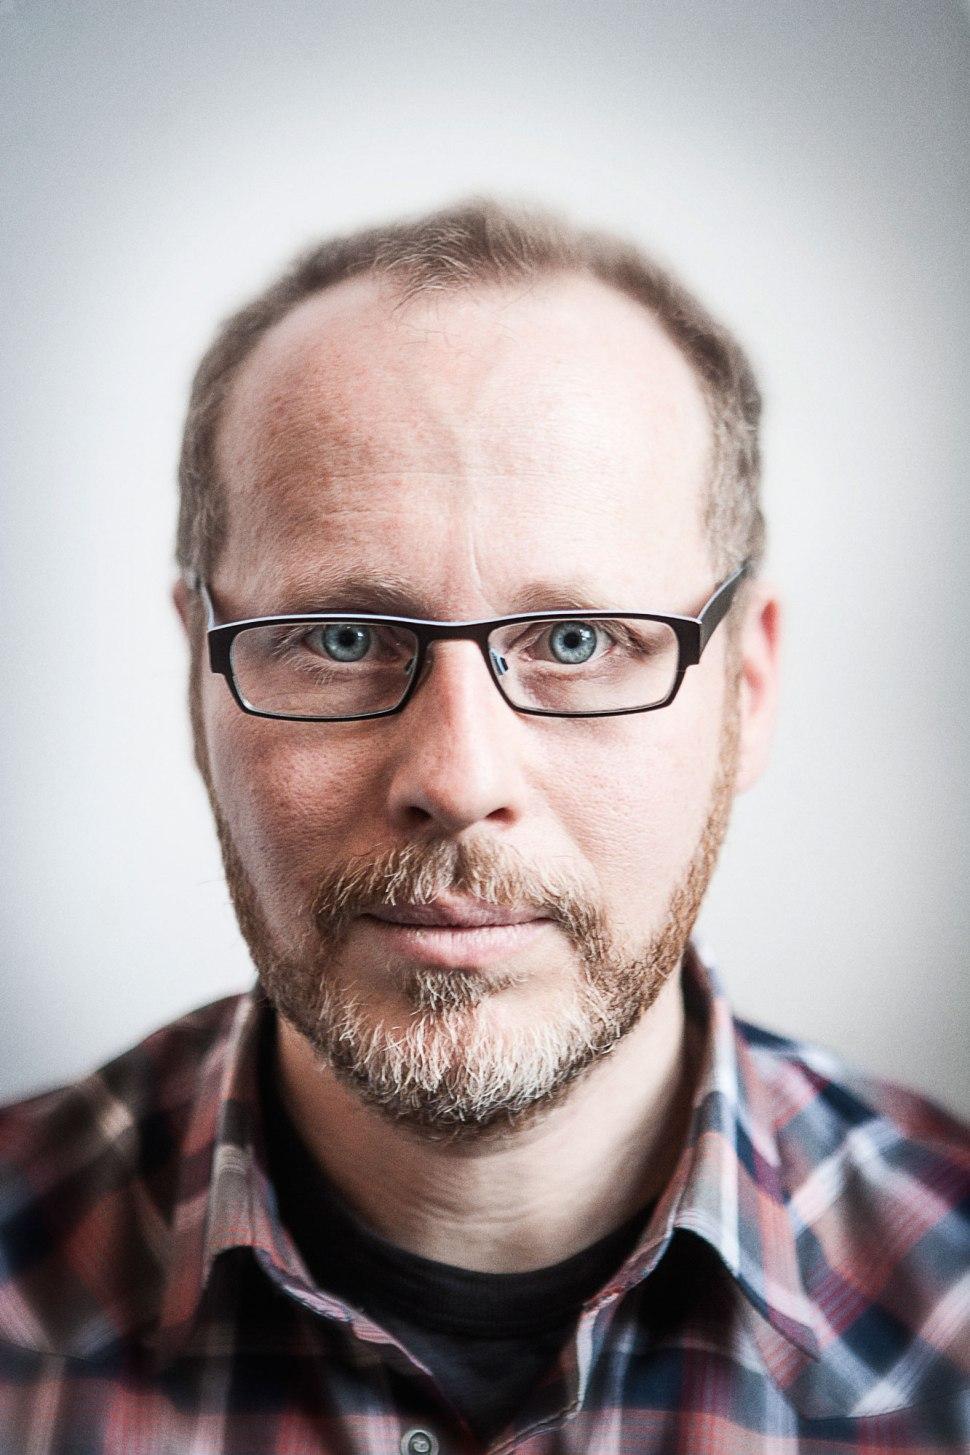 Seth Kushner, self-portrait. (Photo: Seth Kushner)